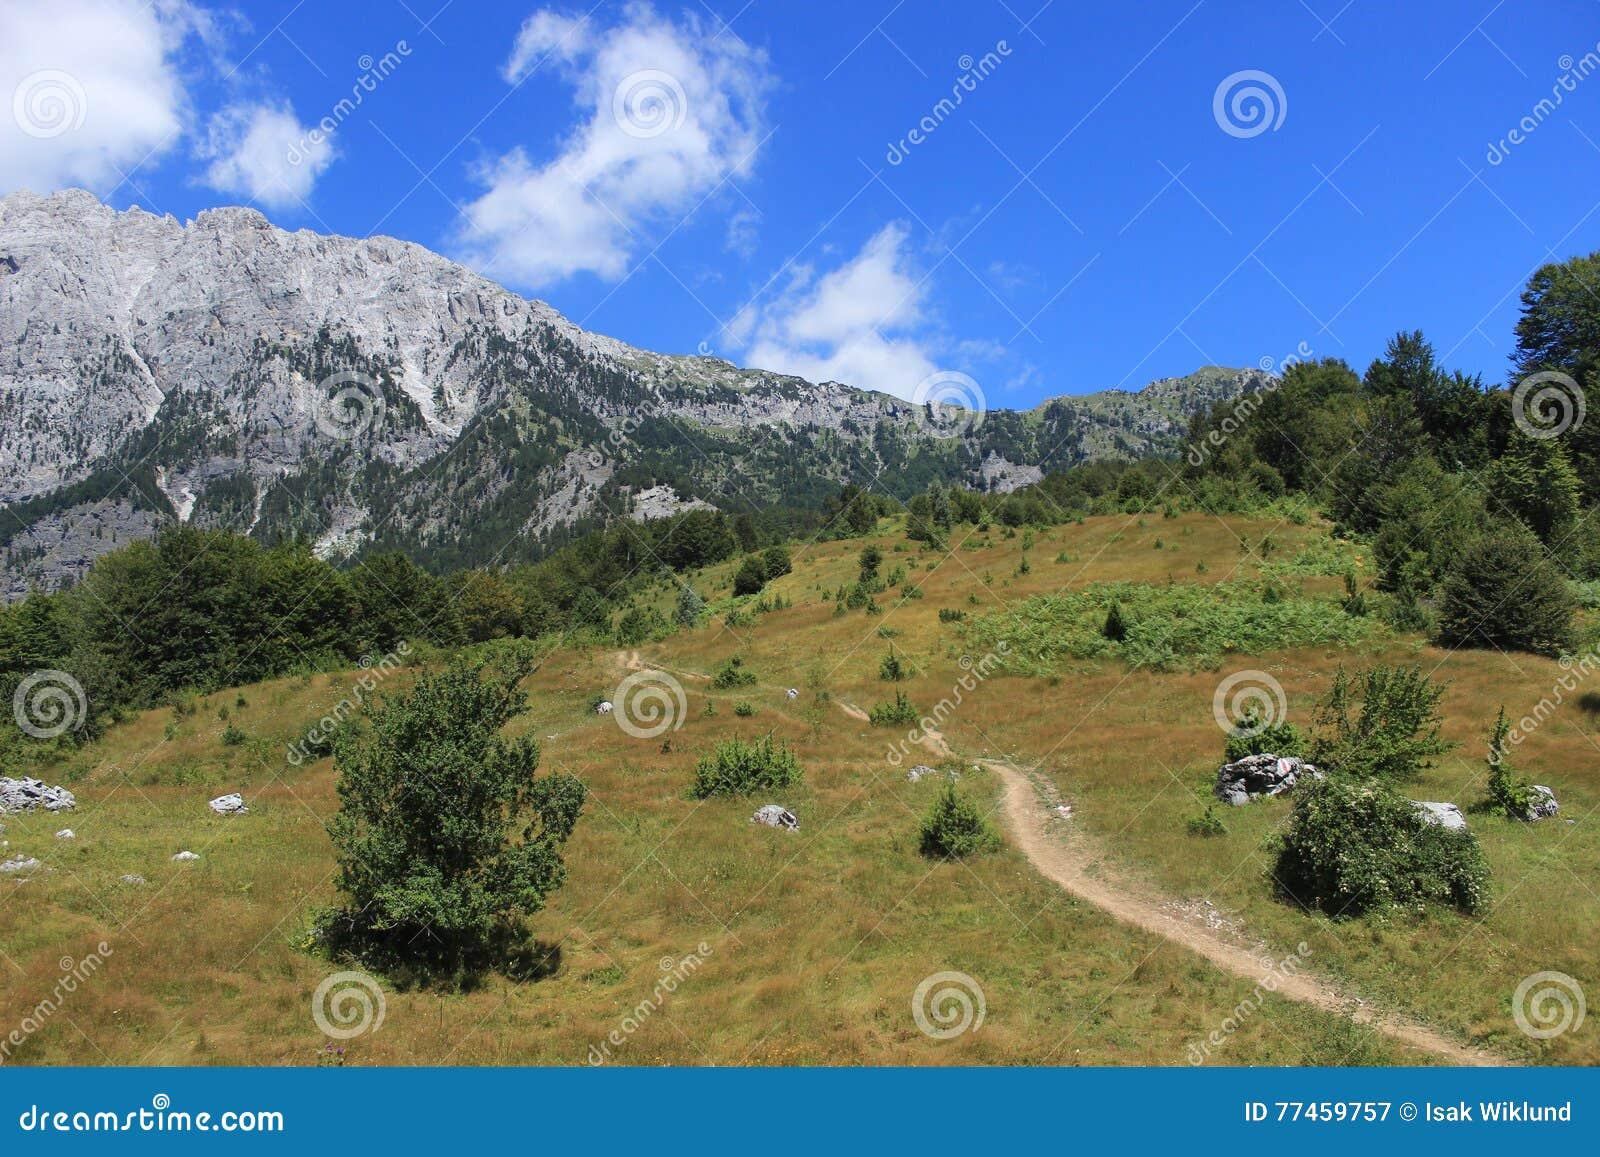 Parque nacional de Valbona en Albania